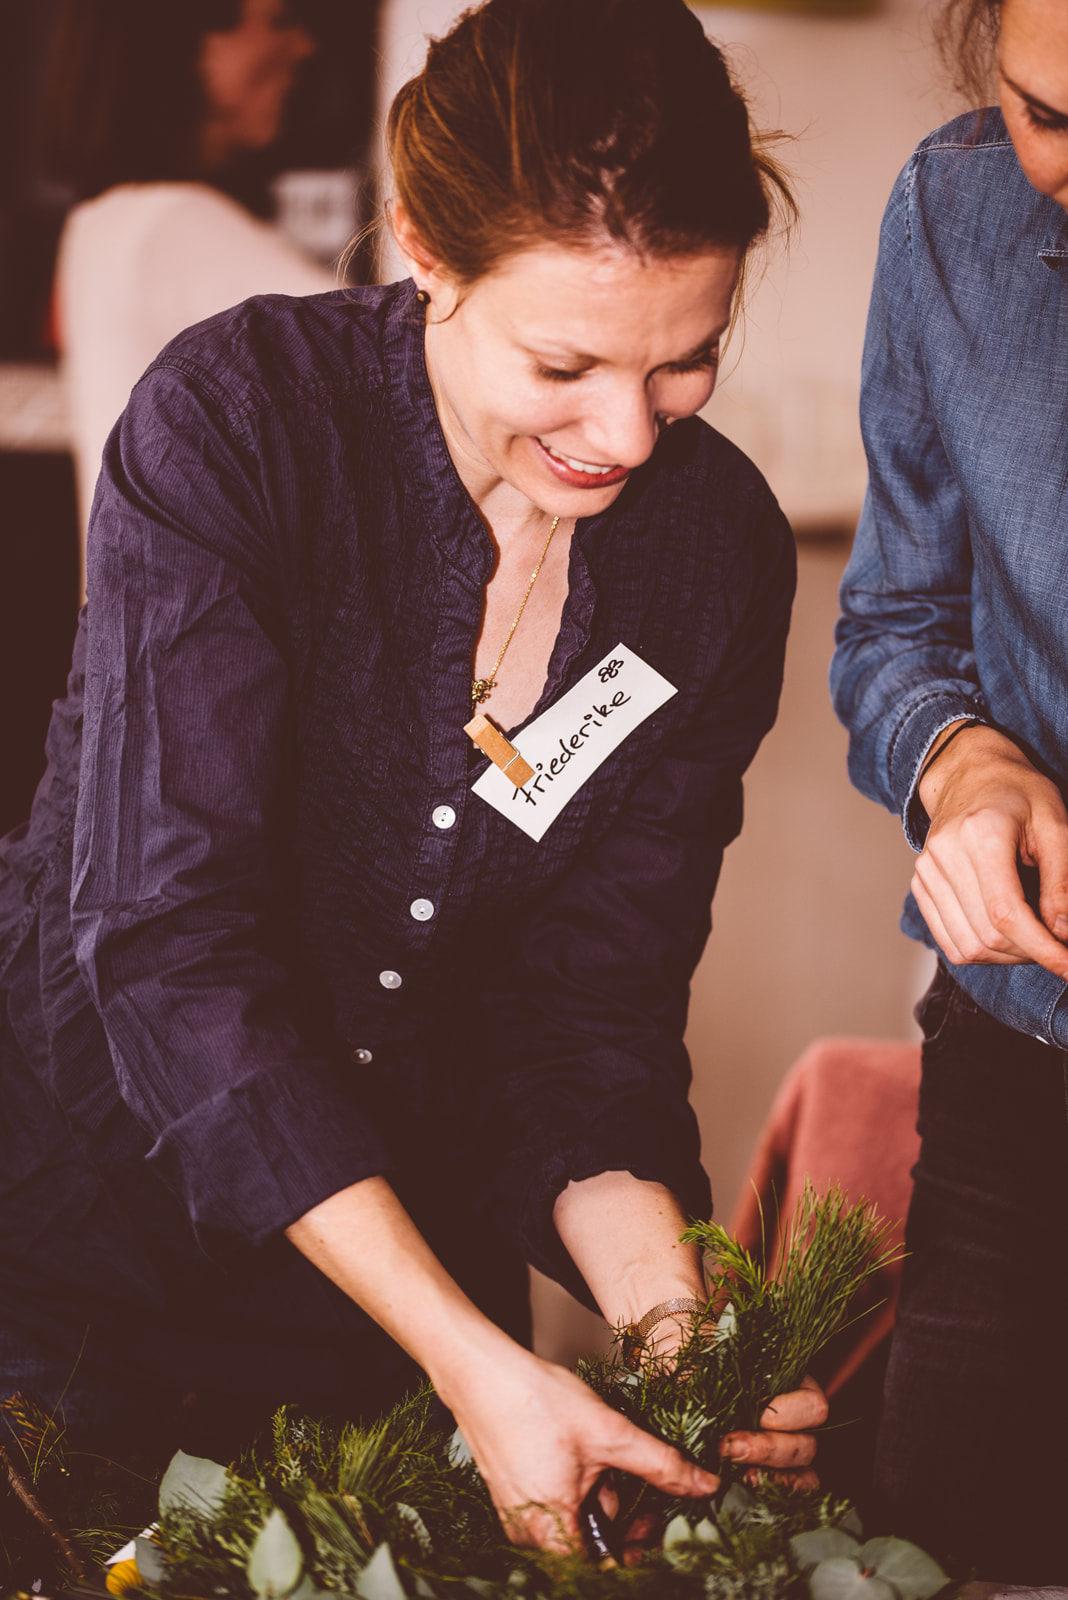 Workshop_Advent_Wildflower_Stuttgart-3